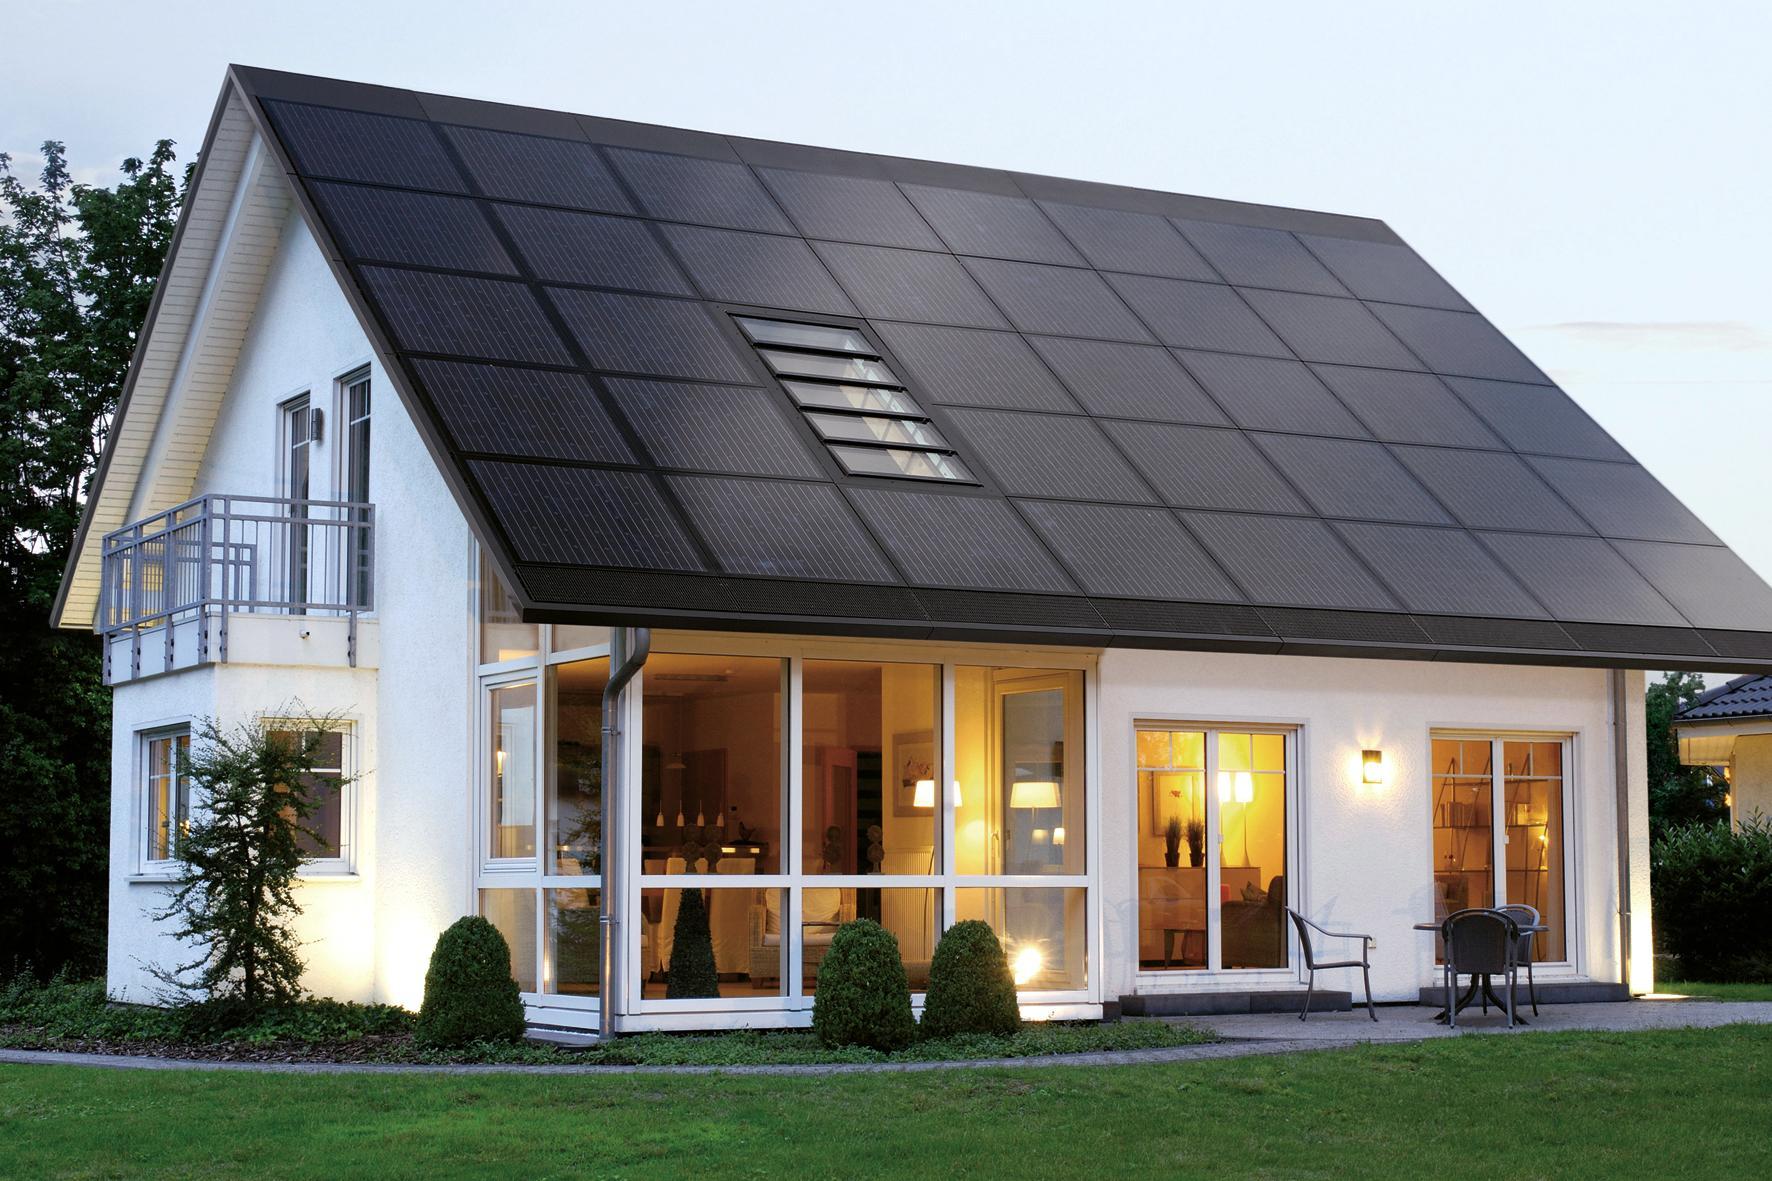 Lg neon2 300wp full black ouxo for Solar powered home designs